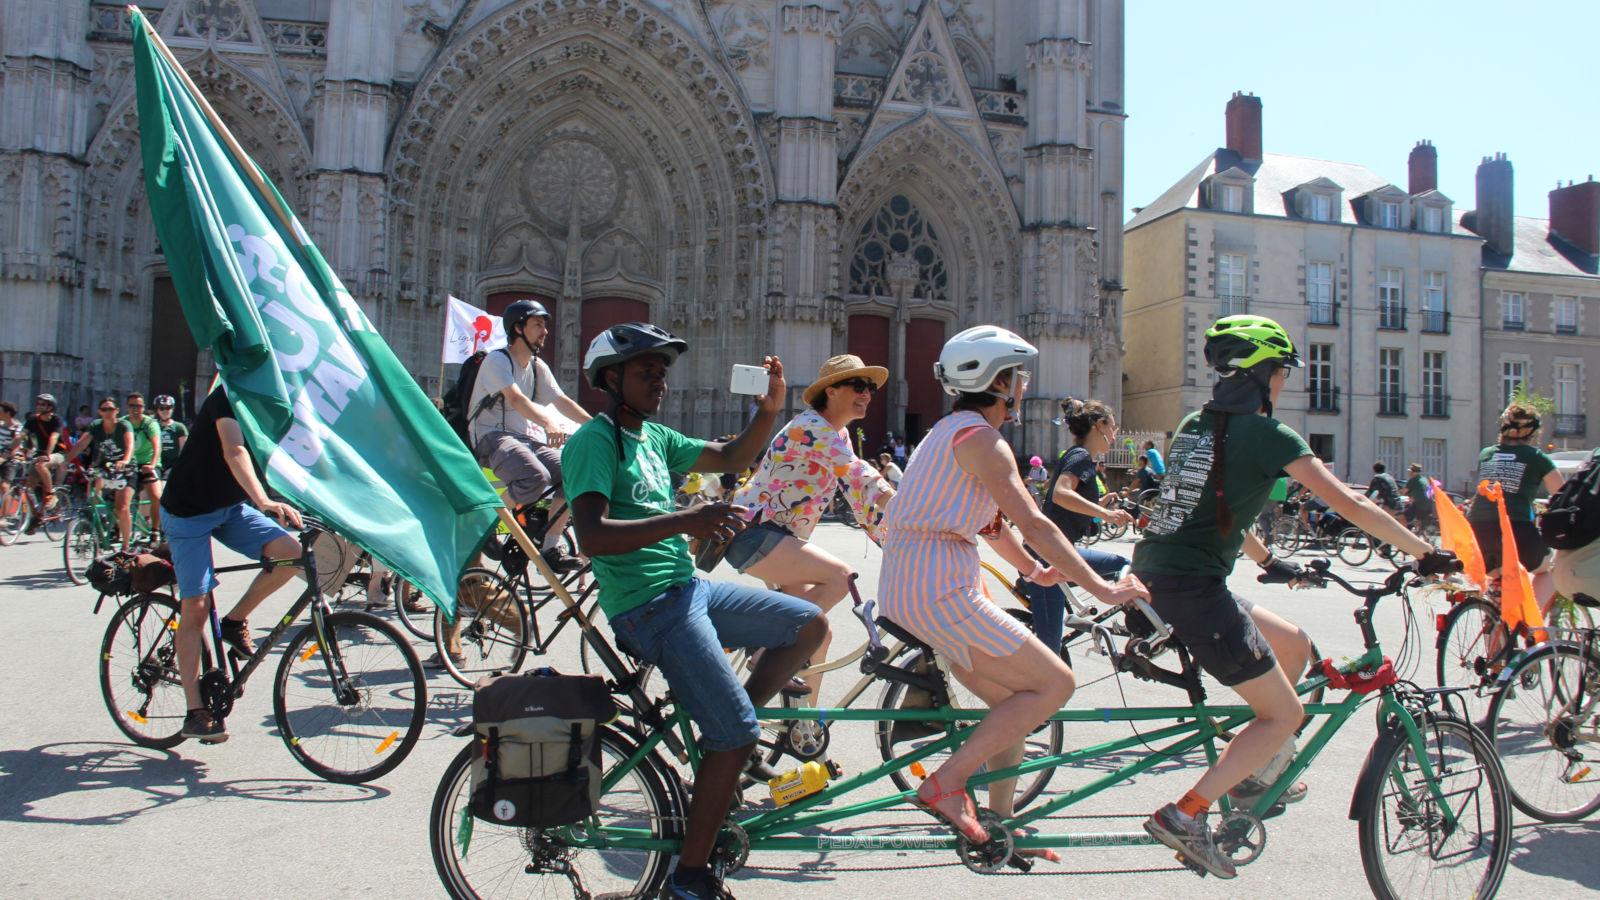 Parade vélo à Nantes